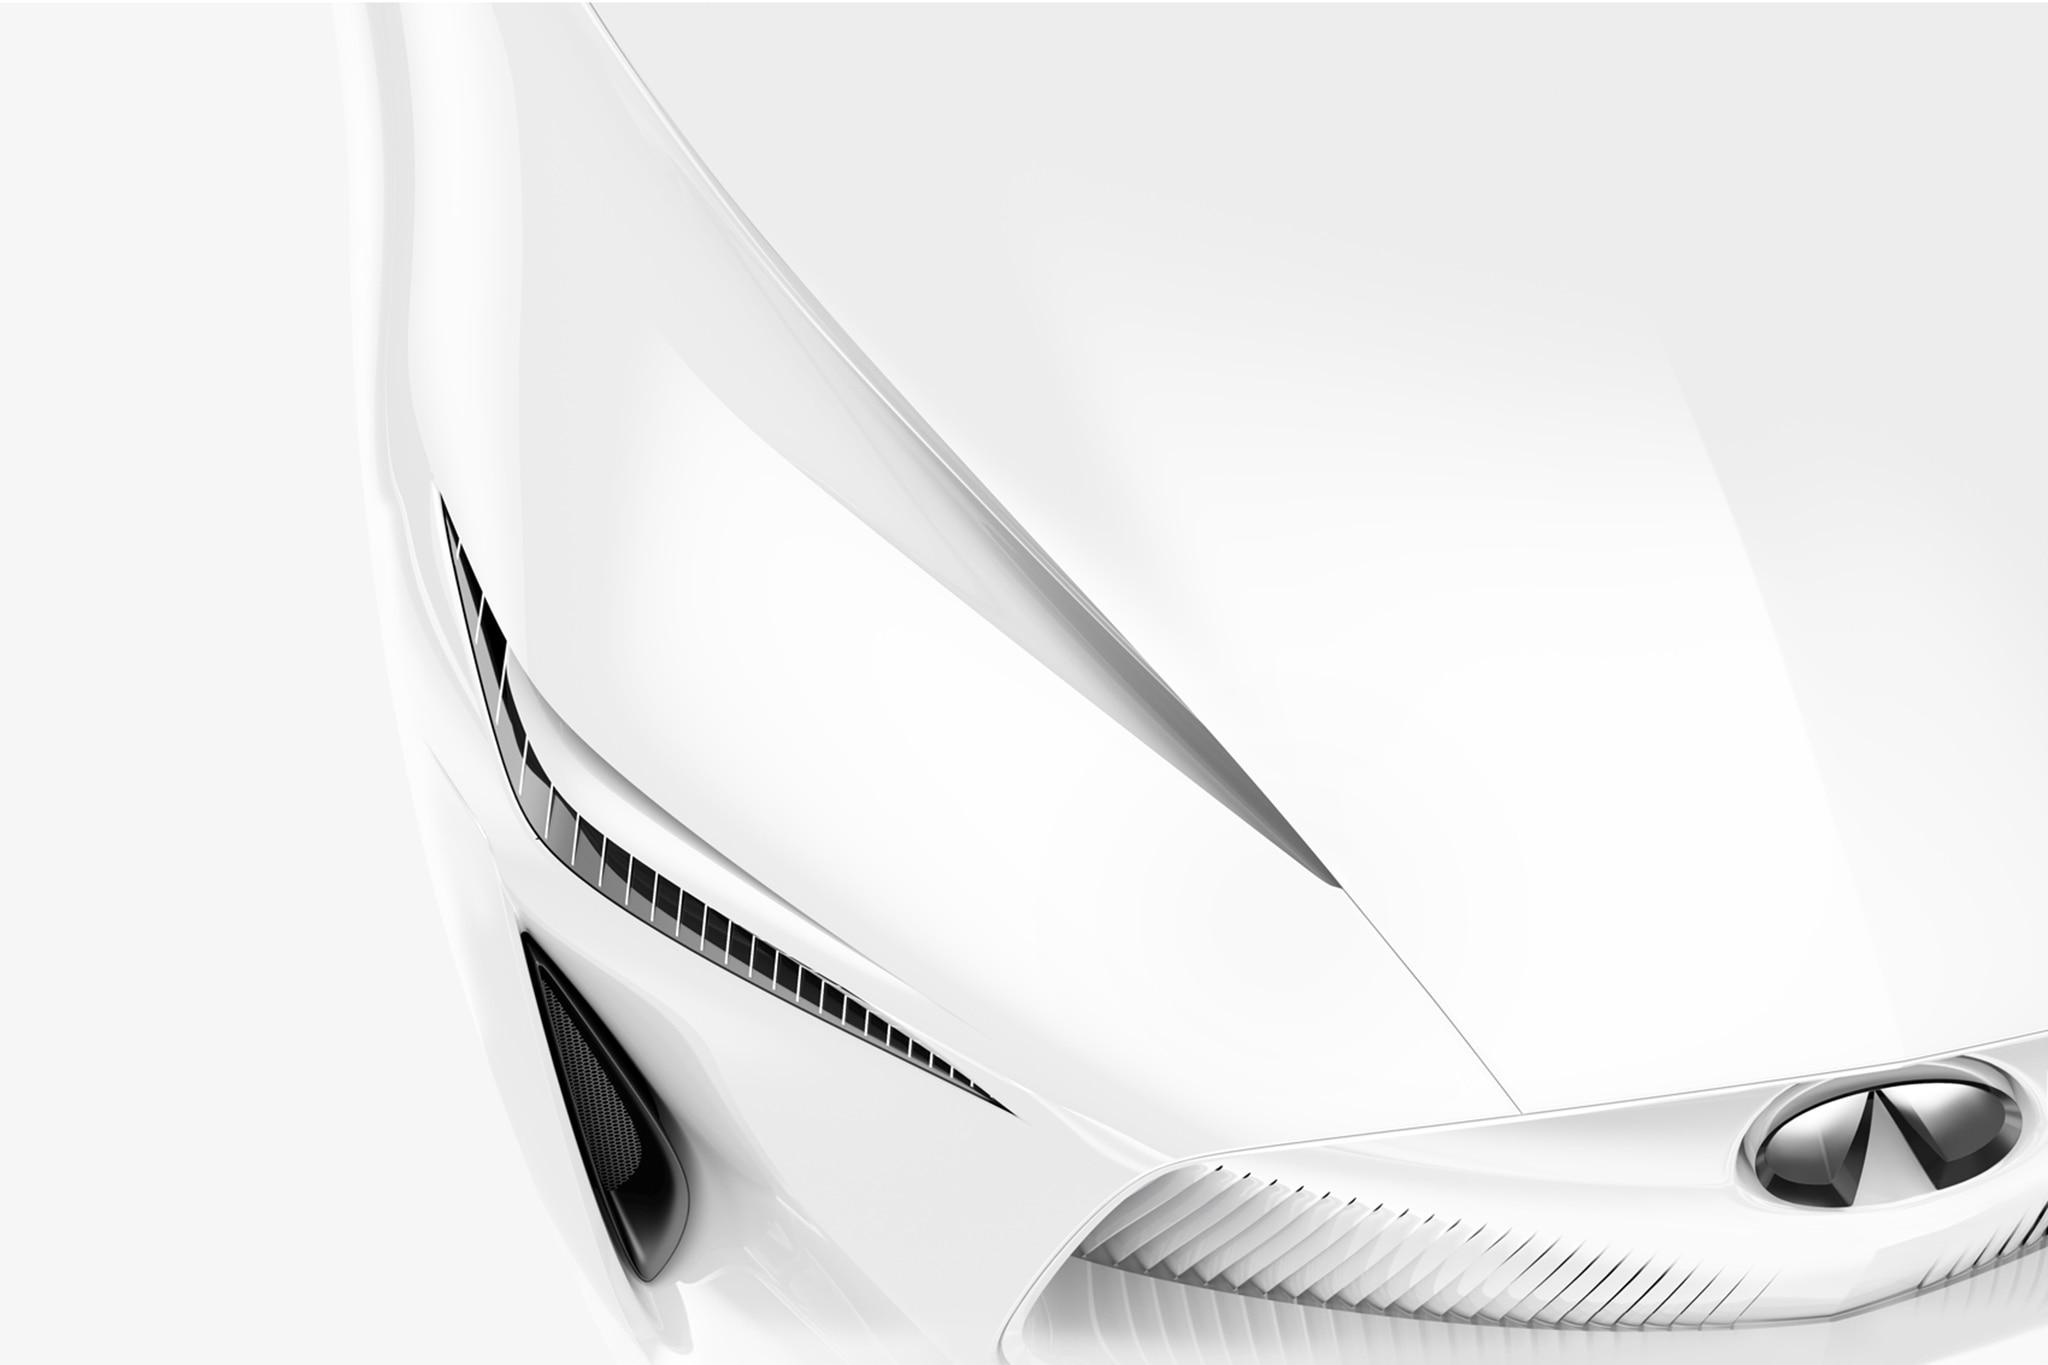 INFINITI NAIAS 2018 Concept Car